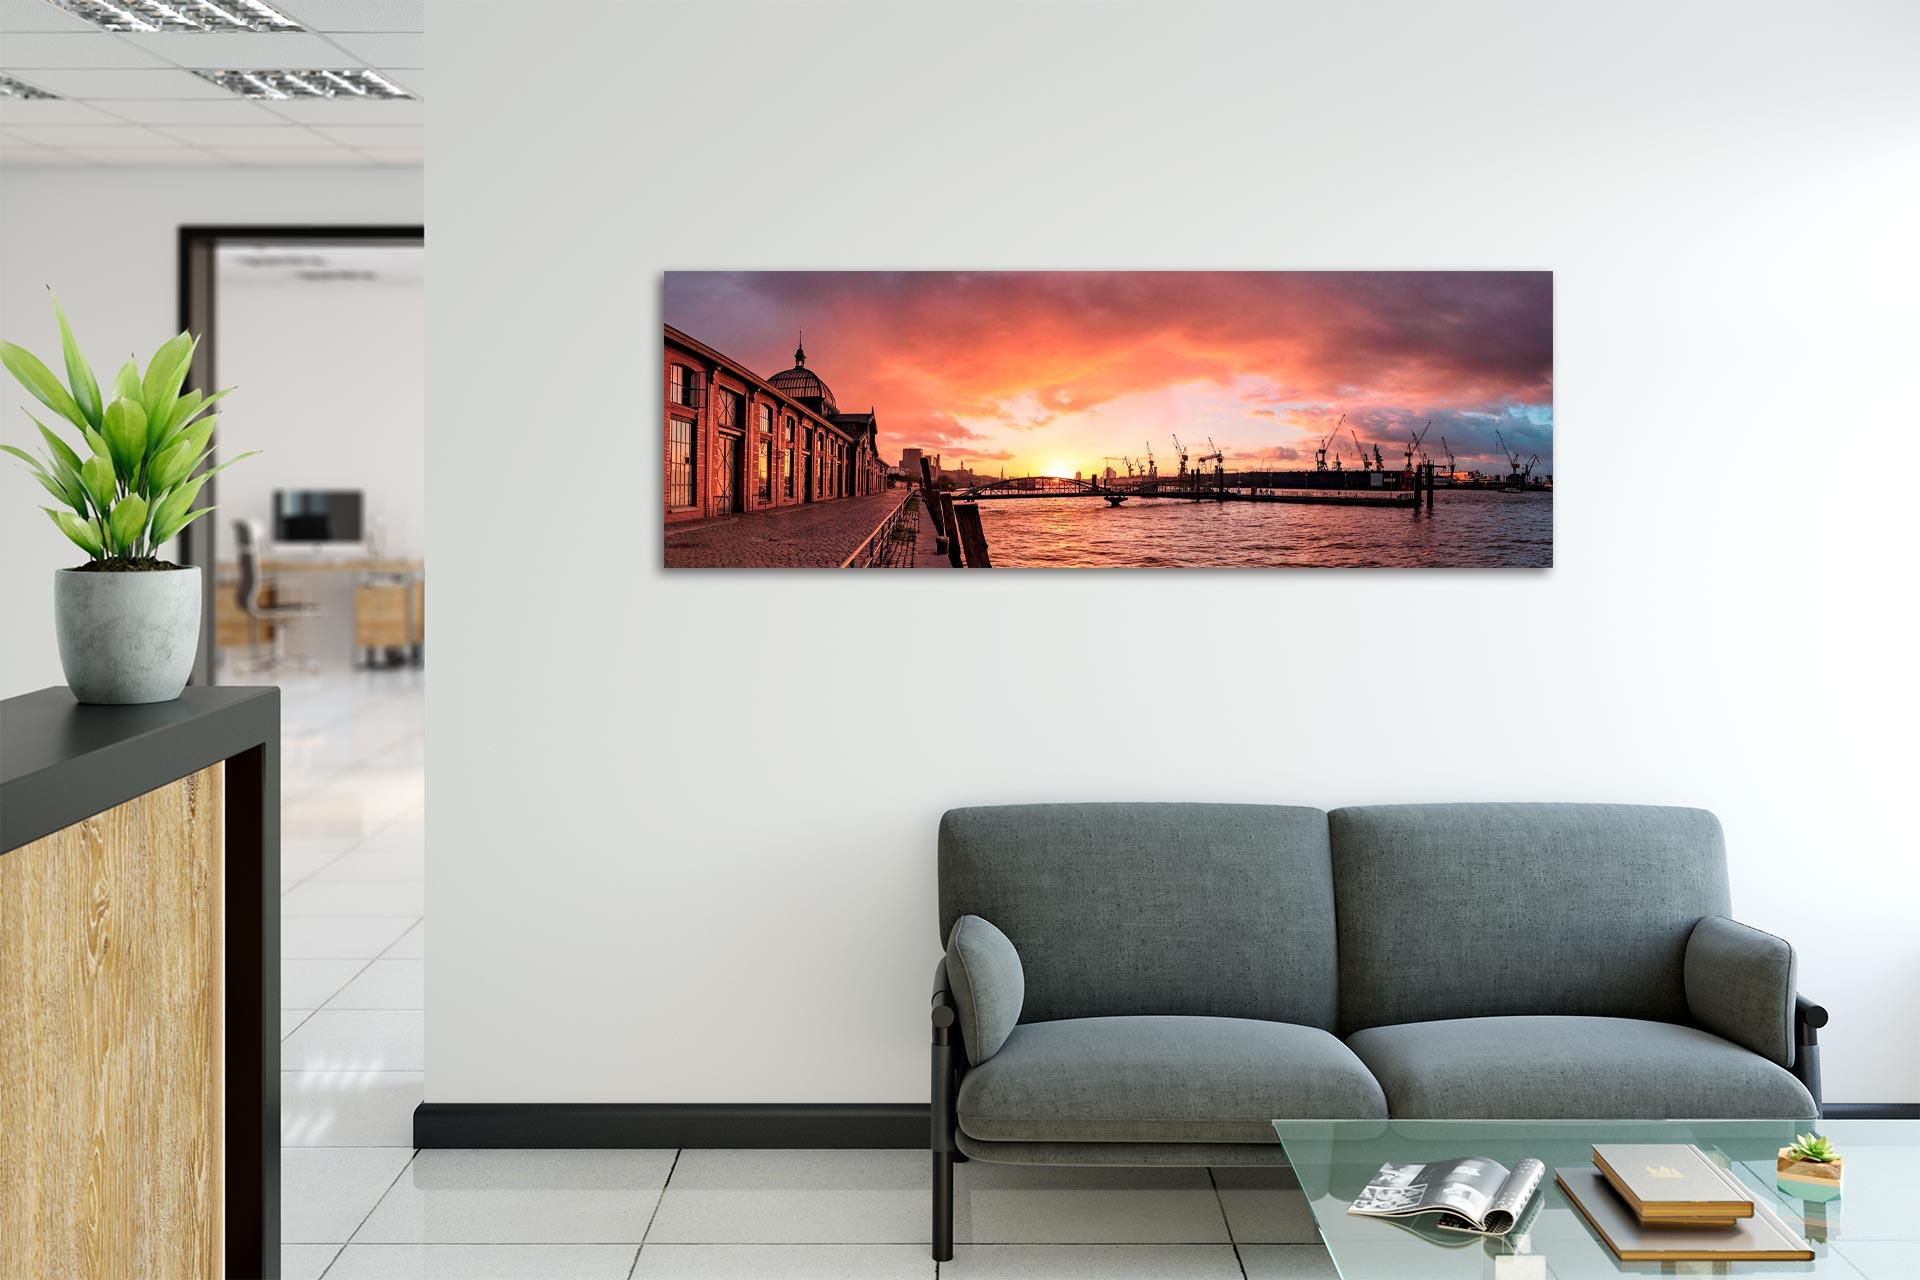 PSW104-morgenrot-hamburg-wandbild-auf-leinwand-acrylglas-aludibond-empfang